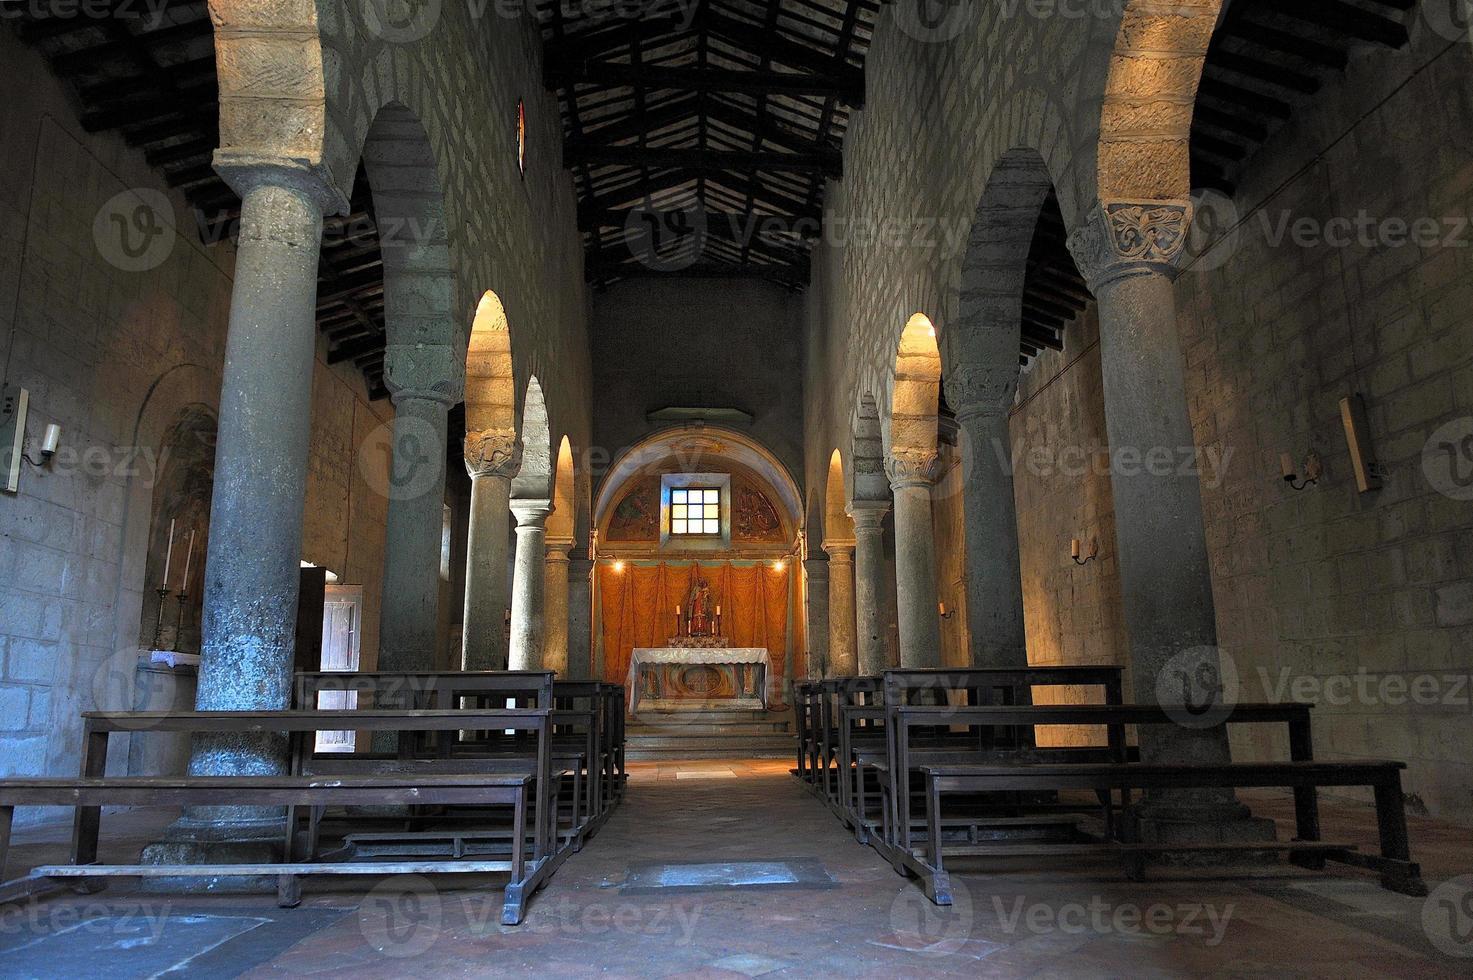 ancienne église intérieure photo